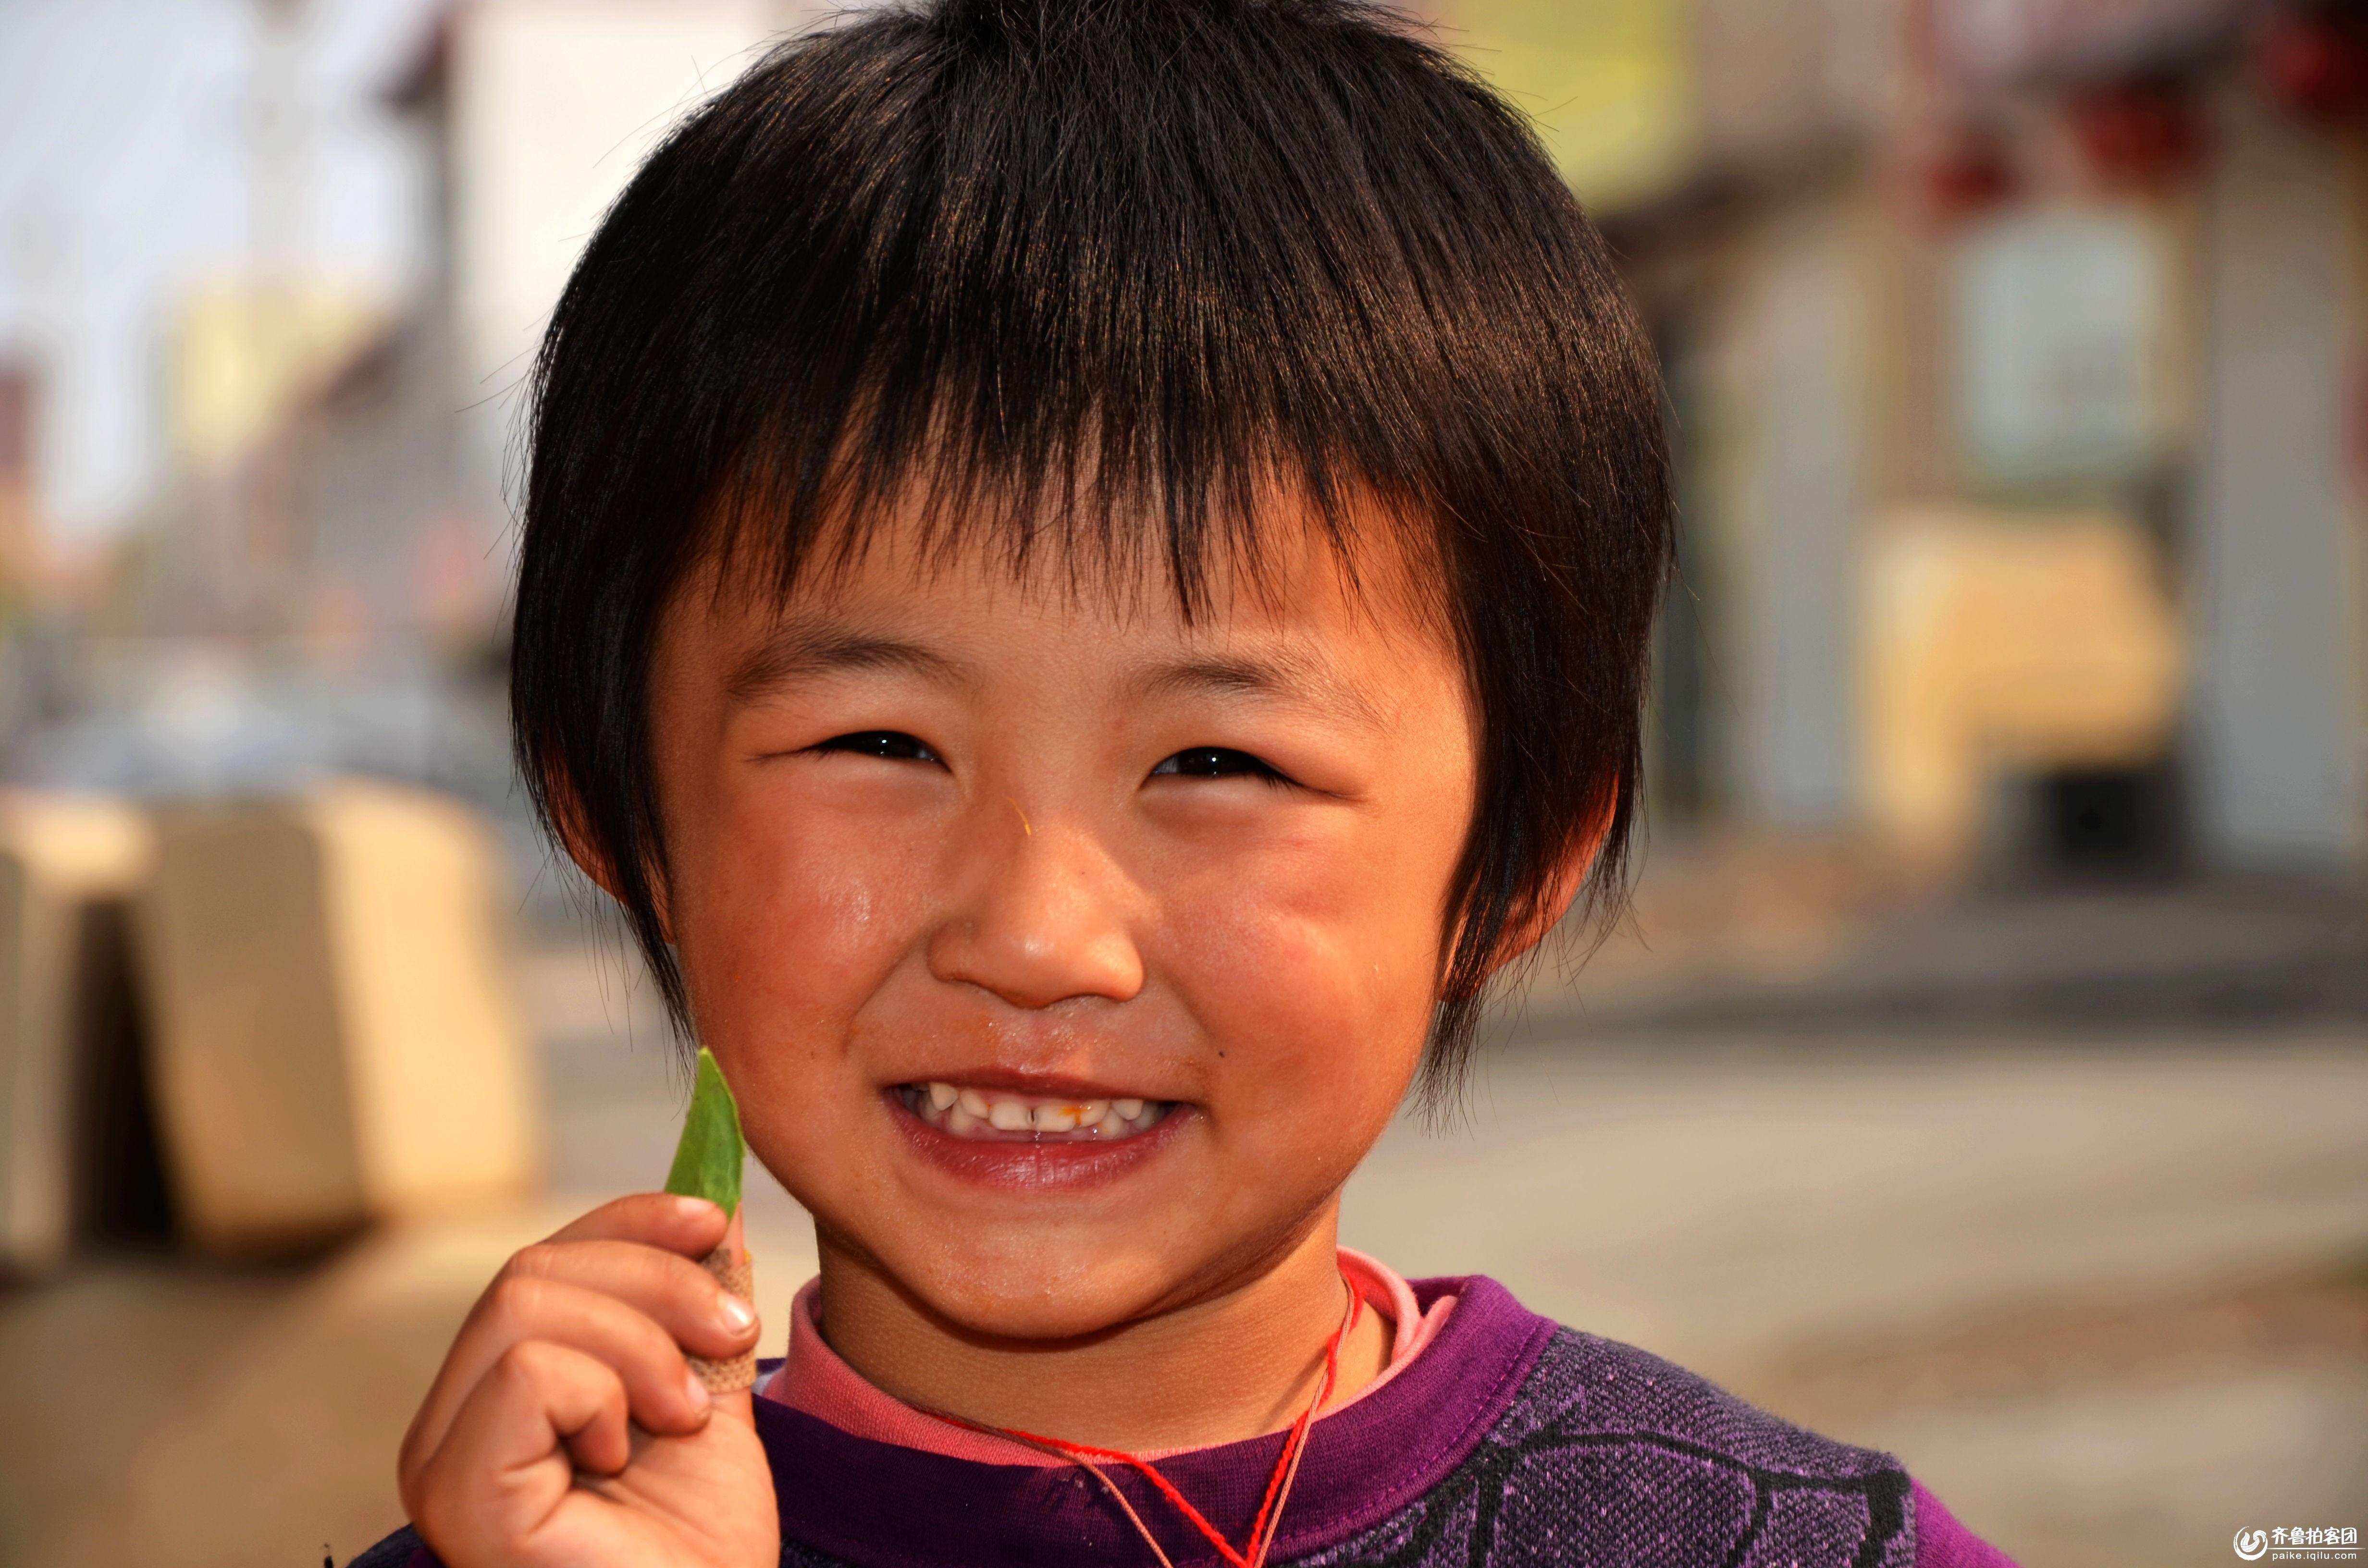 最美儿童笑脸 - 枣庄拍客